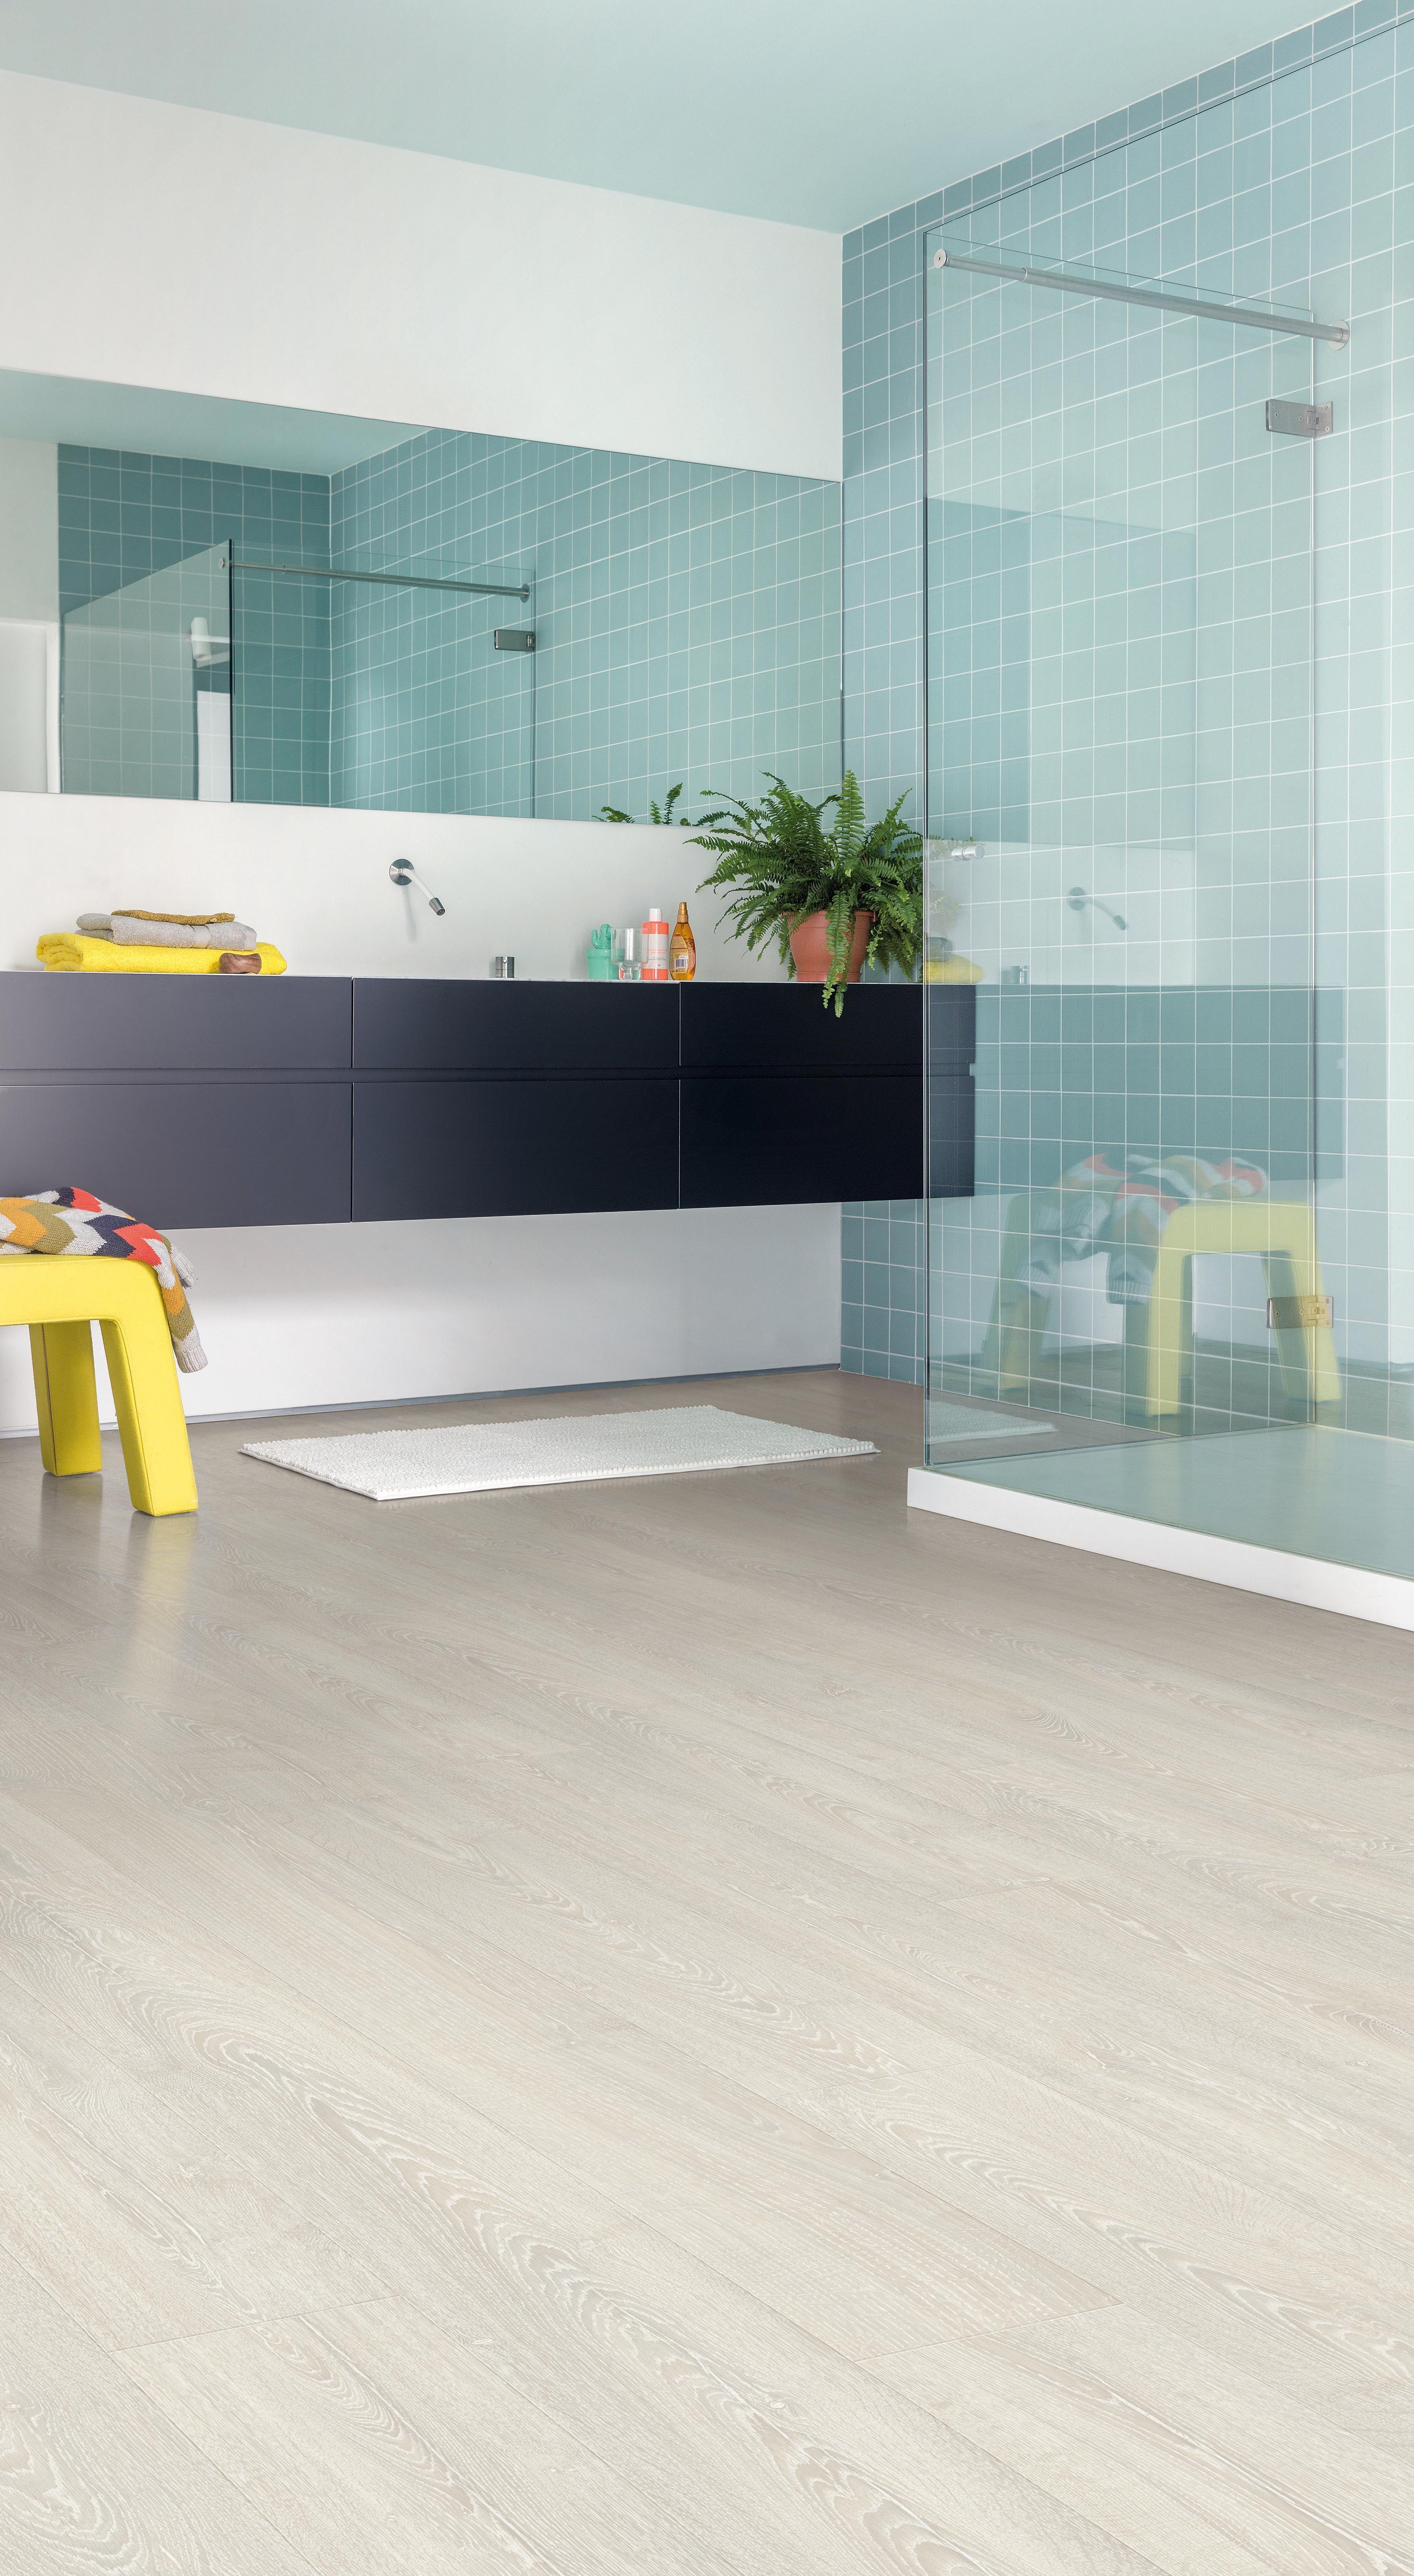 Comment Choisir Le Sol De La Salle De Bain Piso Para Banheiros Piso Laminado Banheiro Estilo Moderno